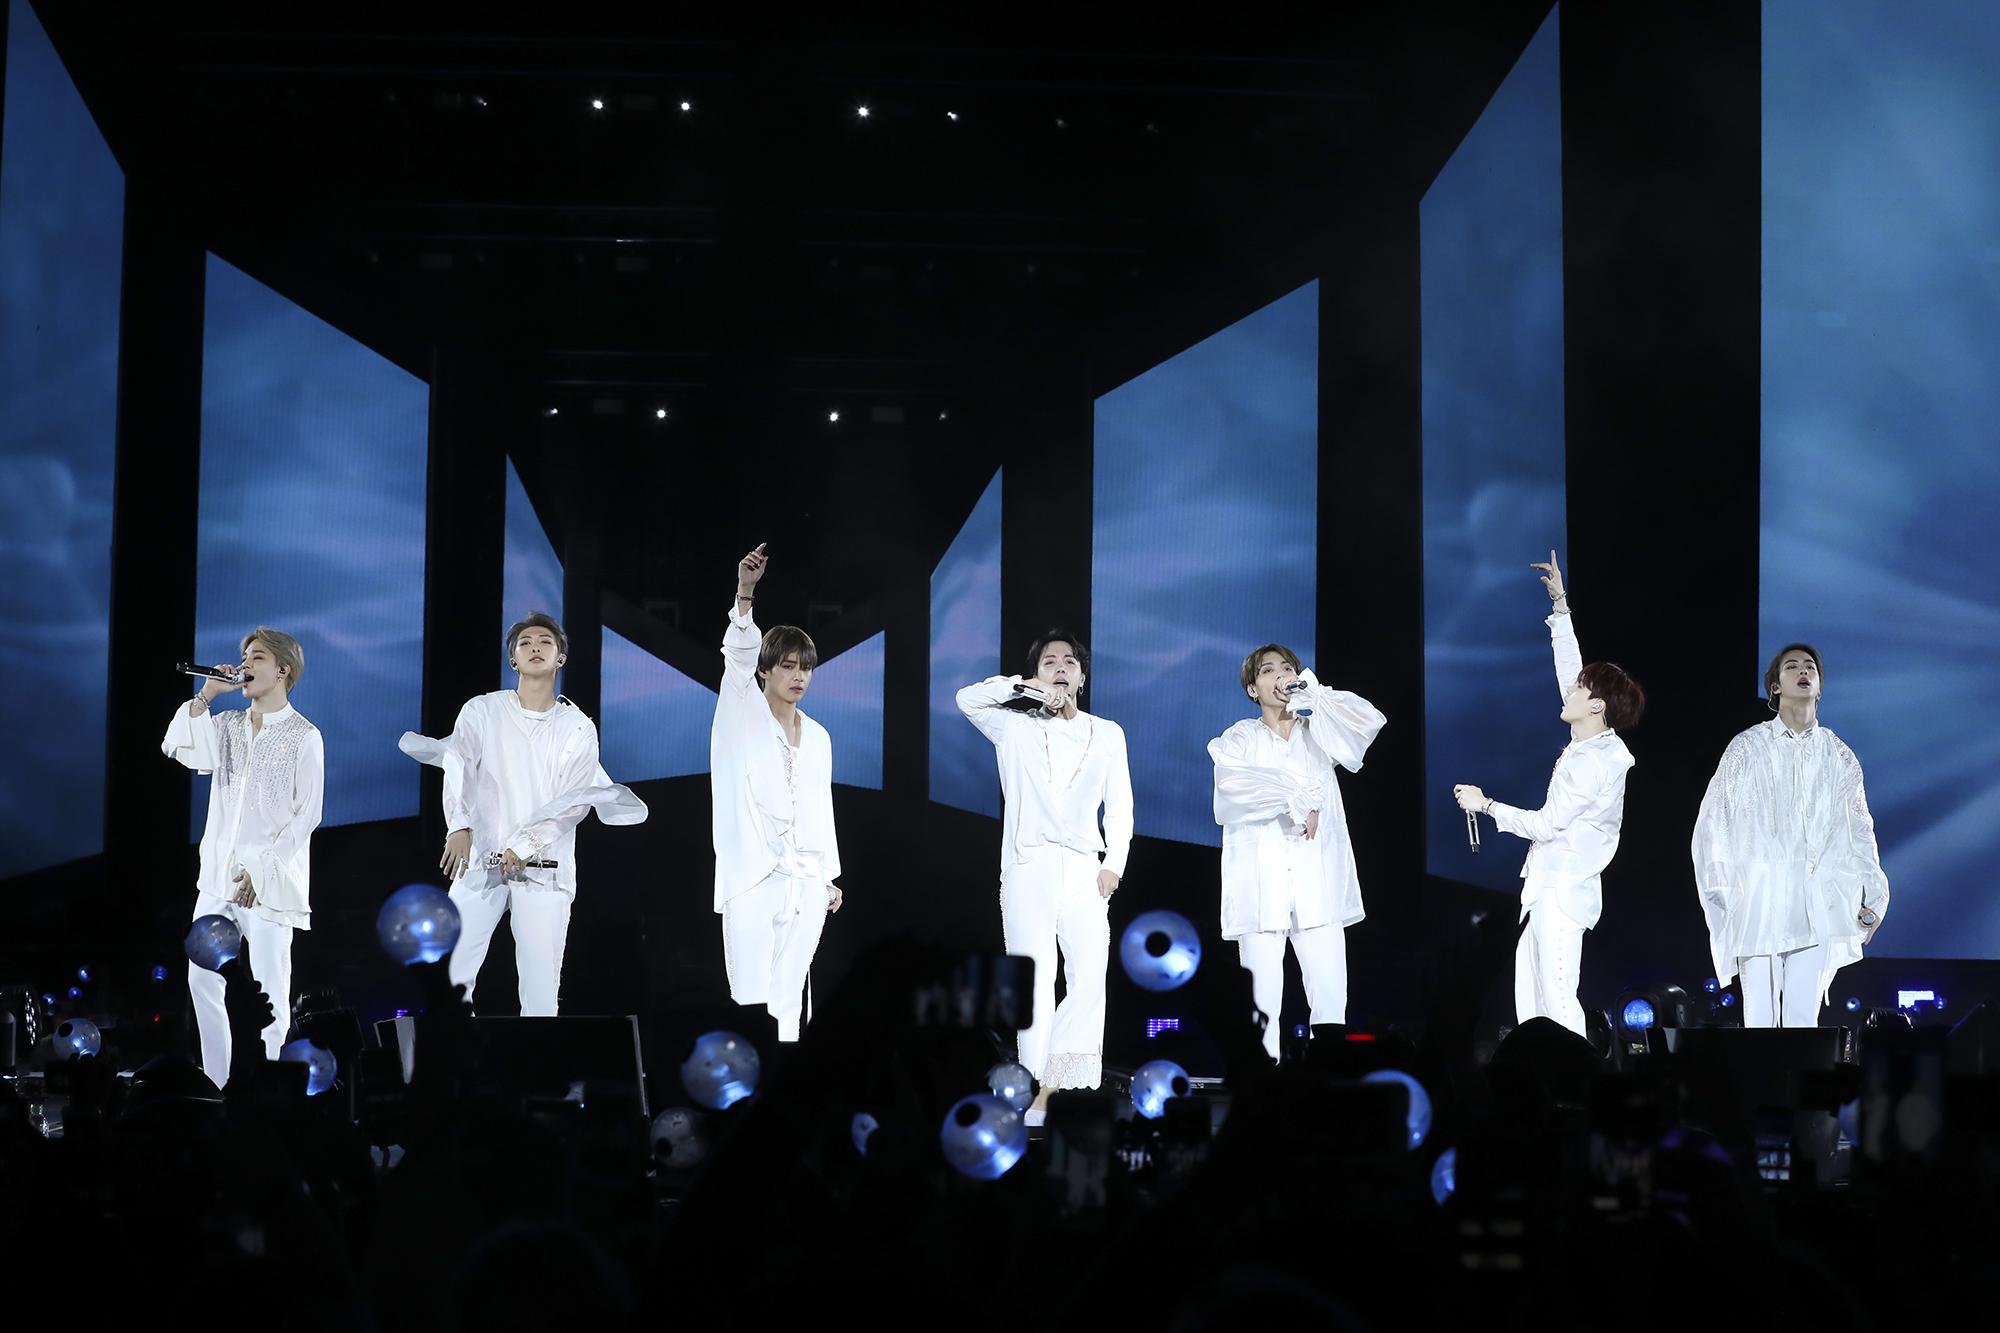 방탄소년단(BTS)이 6일 밤(현지시간) 미국 뉴욕의 시티필드에서 '러브 유어셀프'(Love Yourself) 북미투어의 대미를 장식하는 피날레 공연을 하고 있다. [연합뉴스]